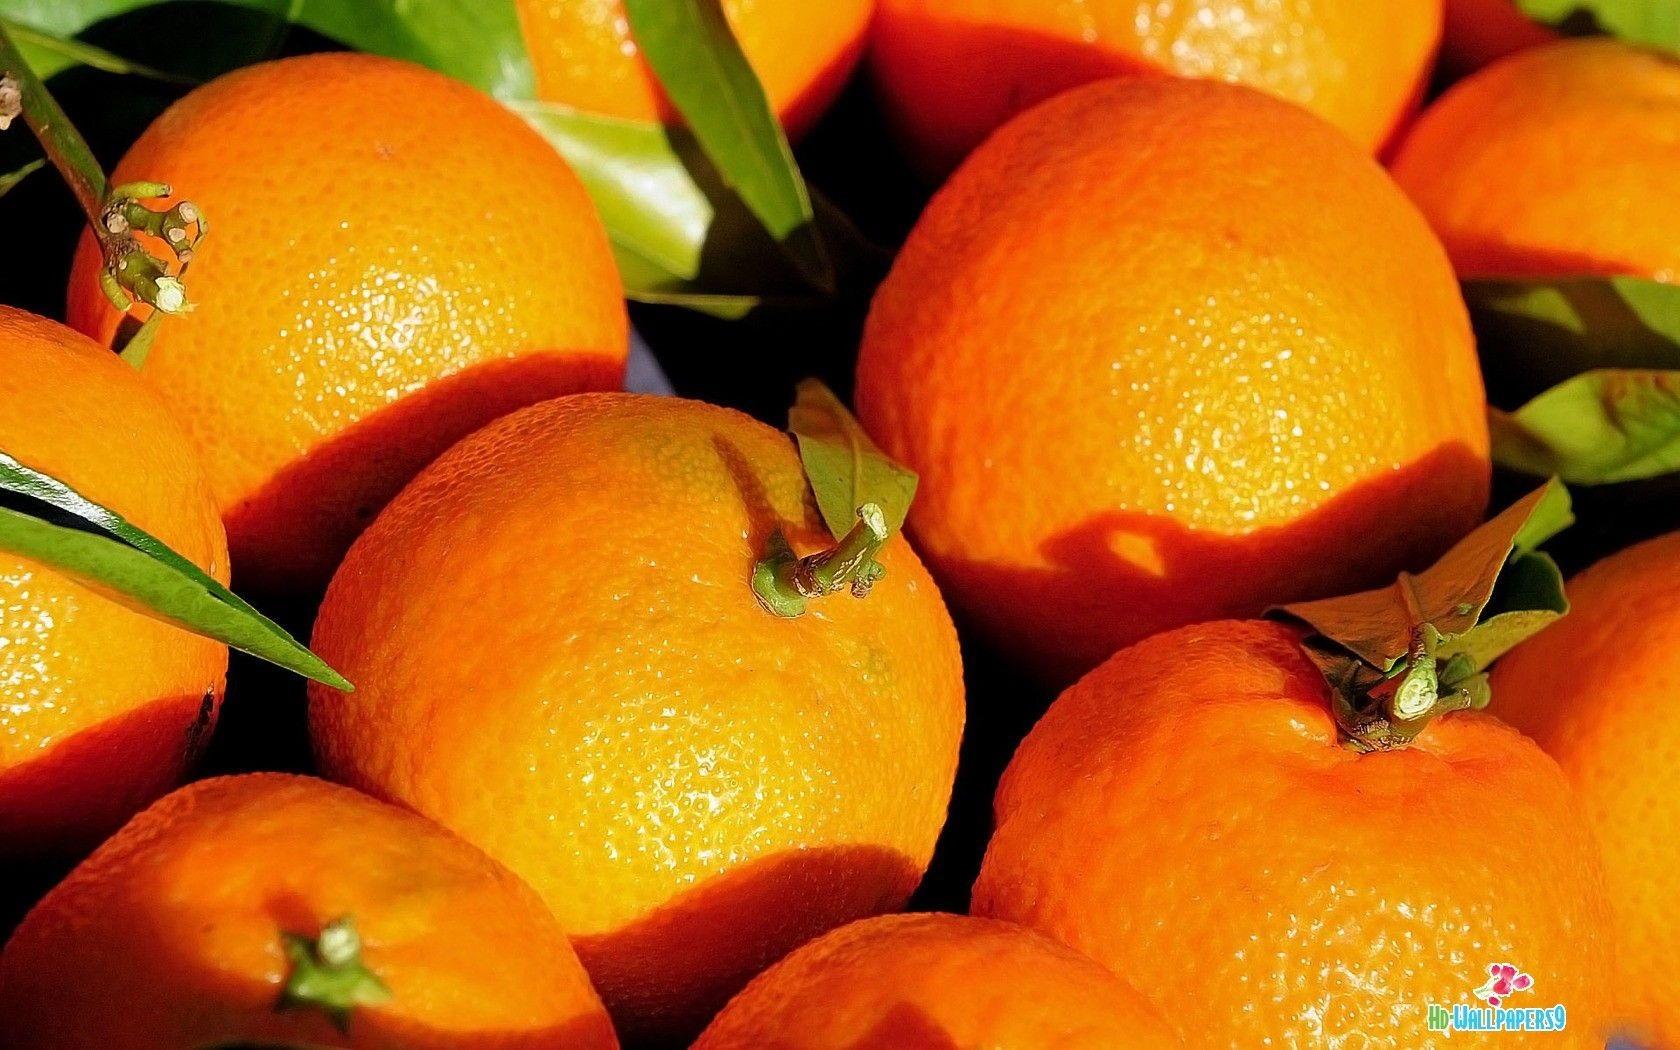 संत्र्यातील गुणधर्मामुळे किडनी स्टोन होण्याचं प्रमाण कमी होतं,असंही एक निरीक्षण आहे.